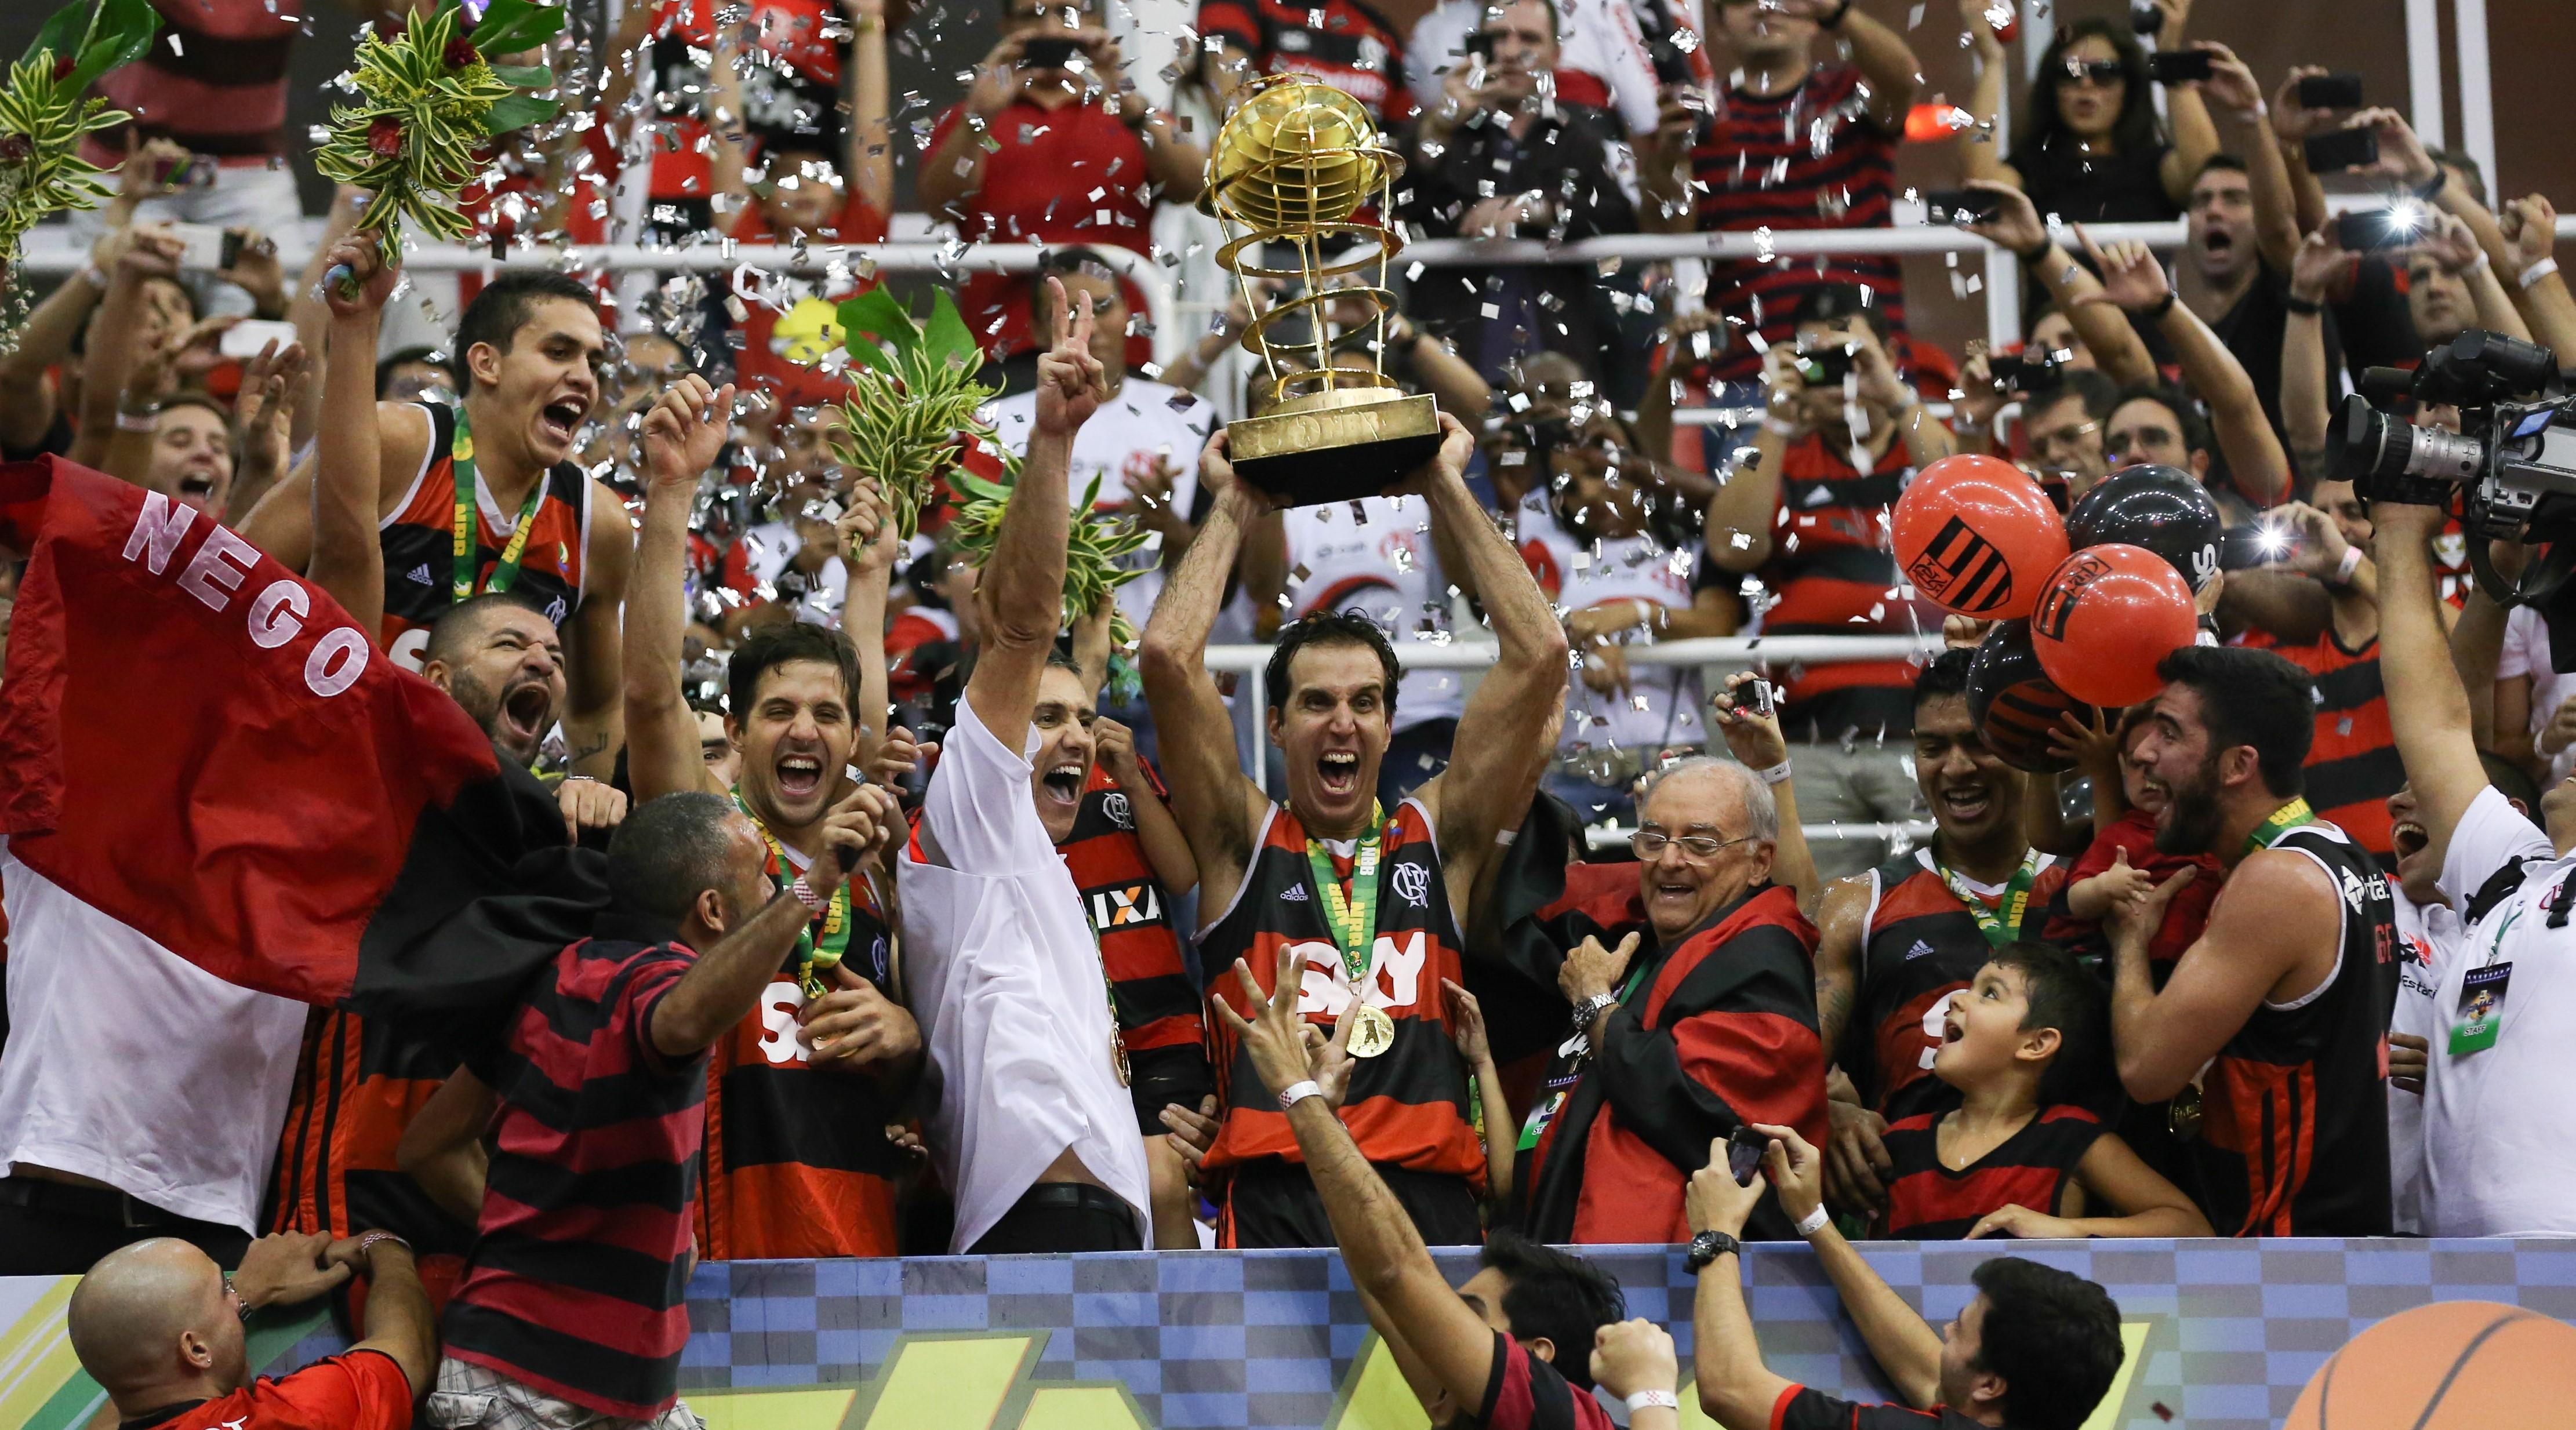 Agora, para levantar o troféu de campeão do NBB equipe precisará vencer dois jogos no playoffs decisivo (Luiz Pires/LNB)